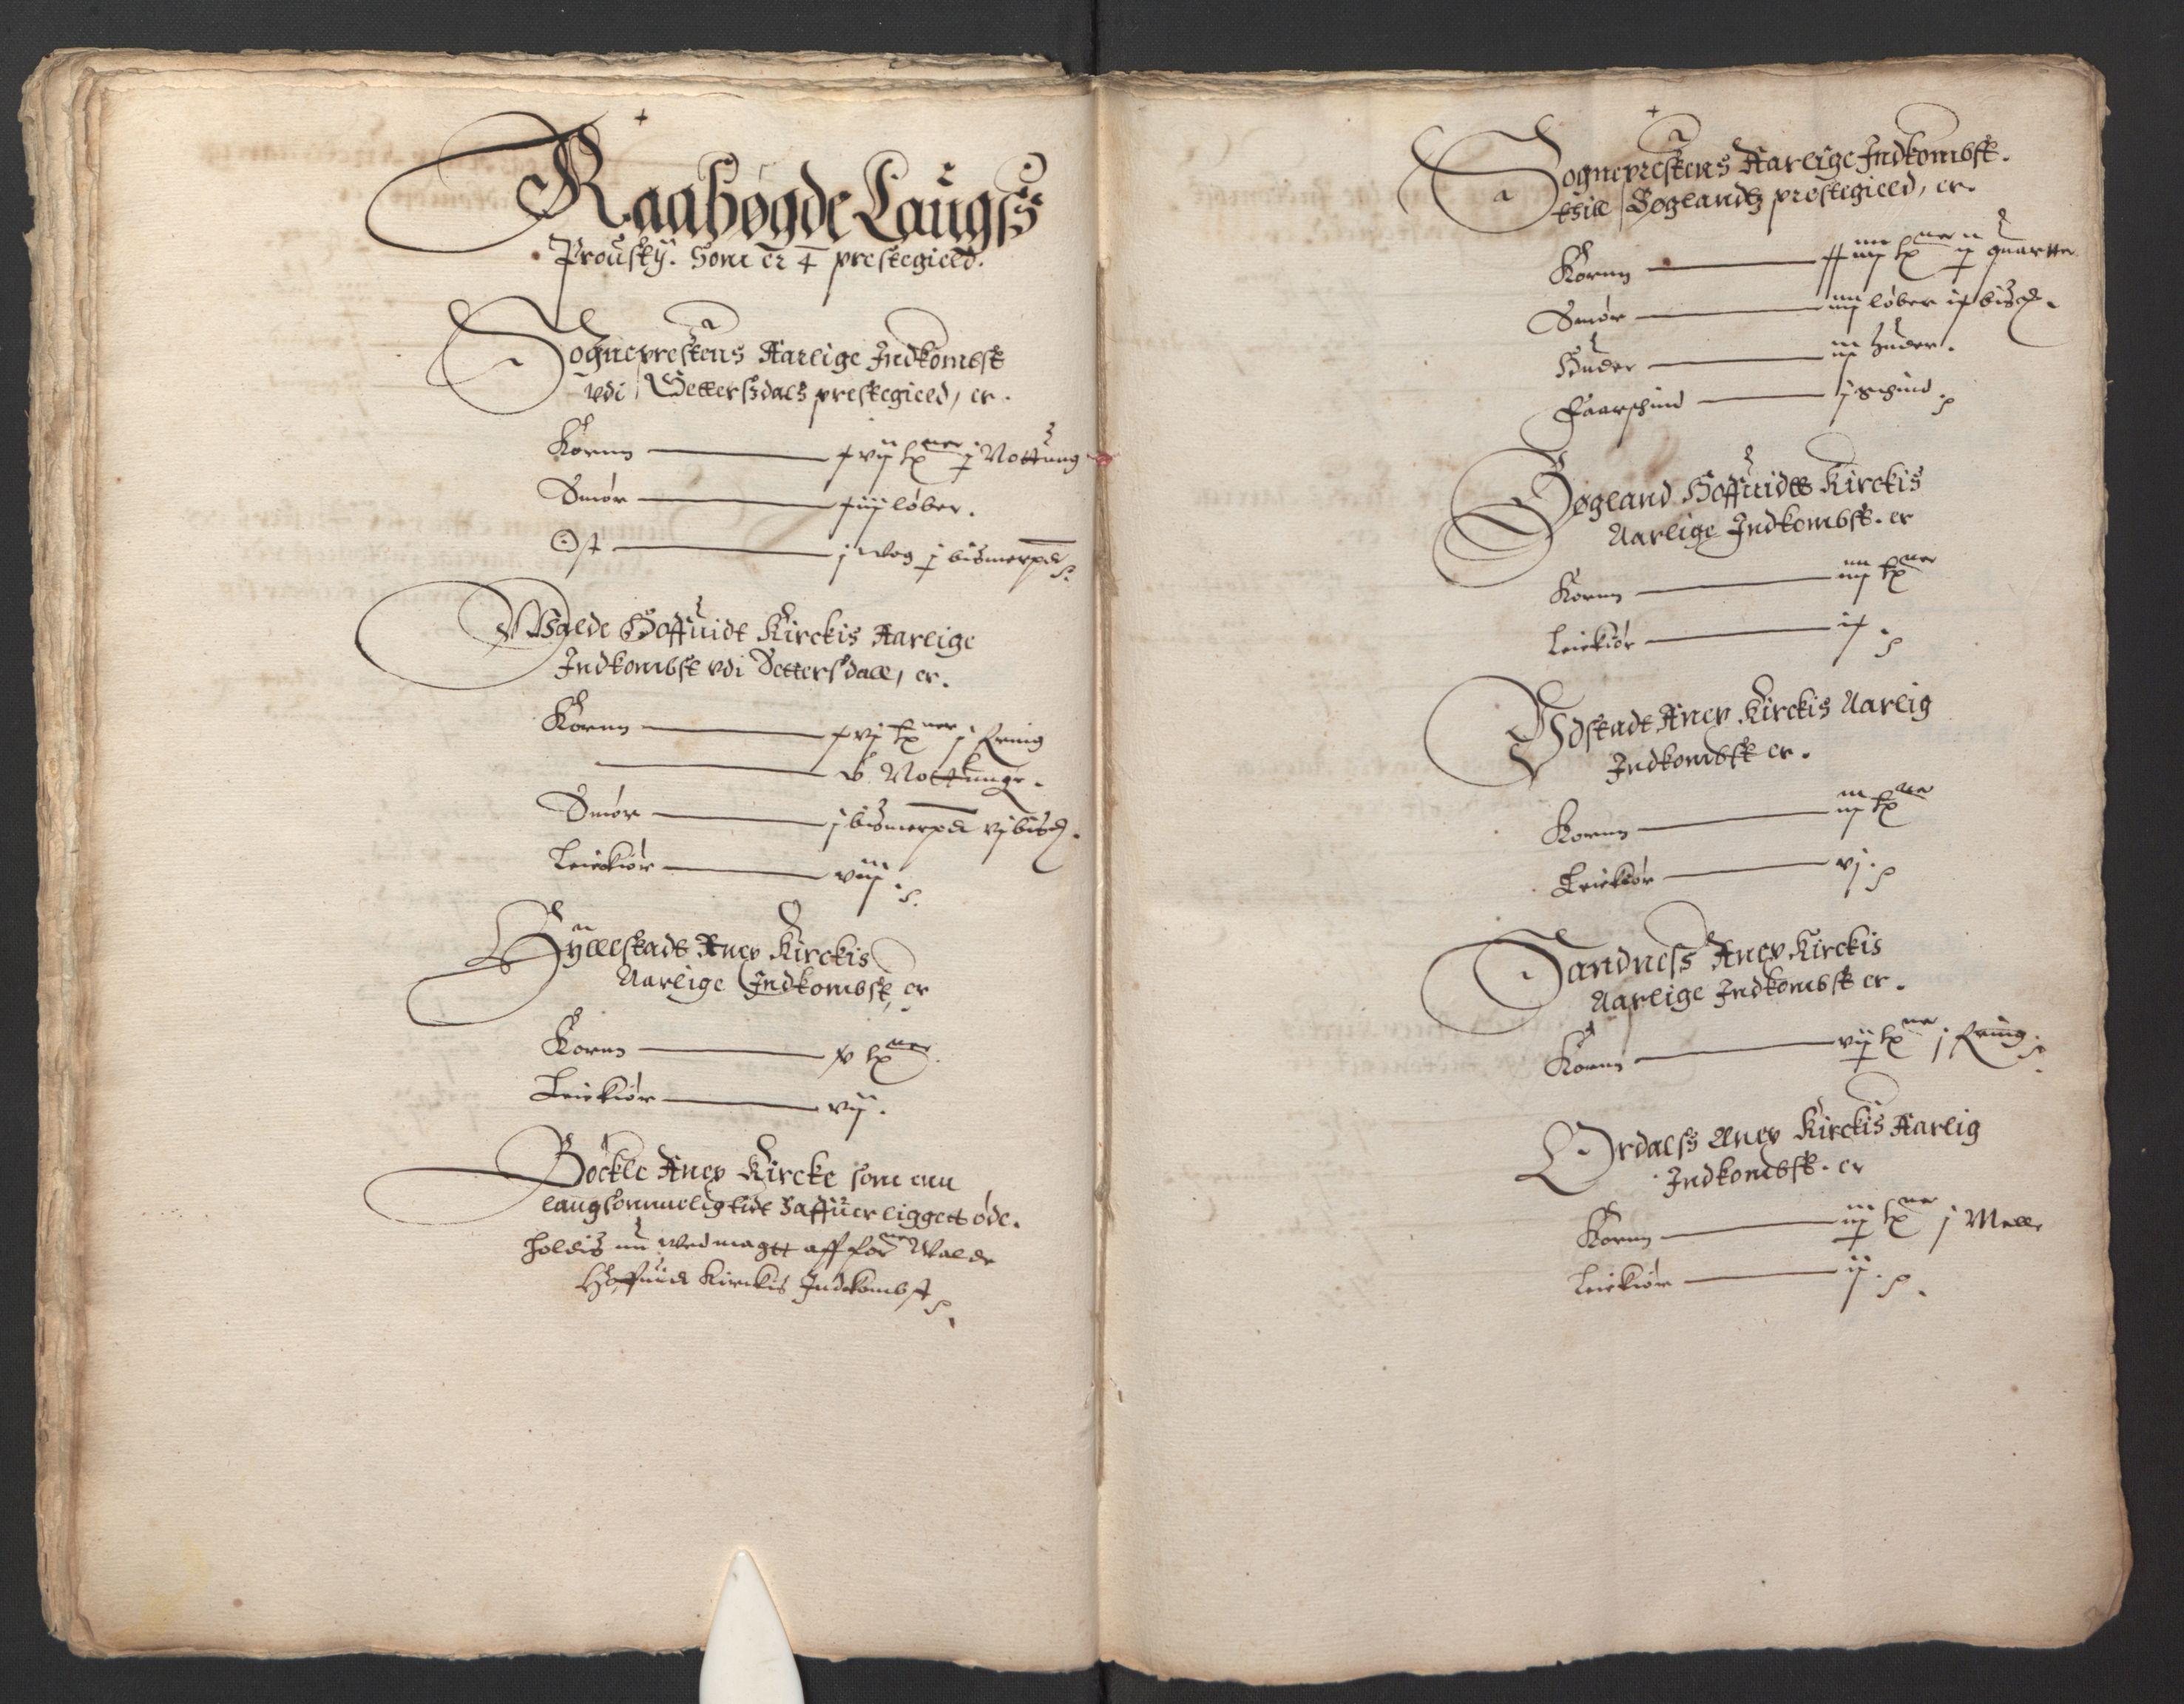 RA, Stattholderembetet 1572-1771, Ek/L0014: Jordebøker til utlikning av rosstjeneste 1624-1626:, 1625, s. 31